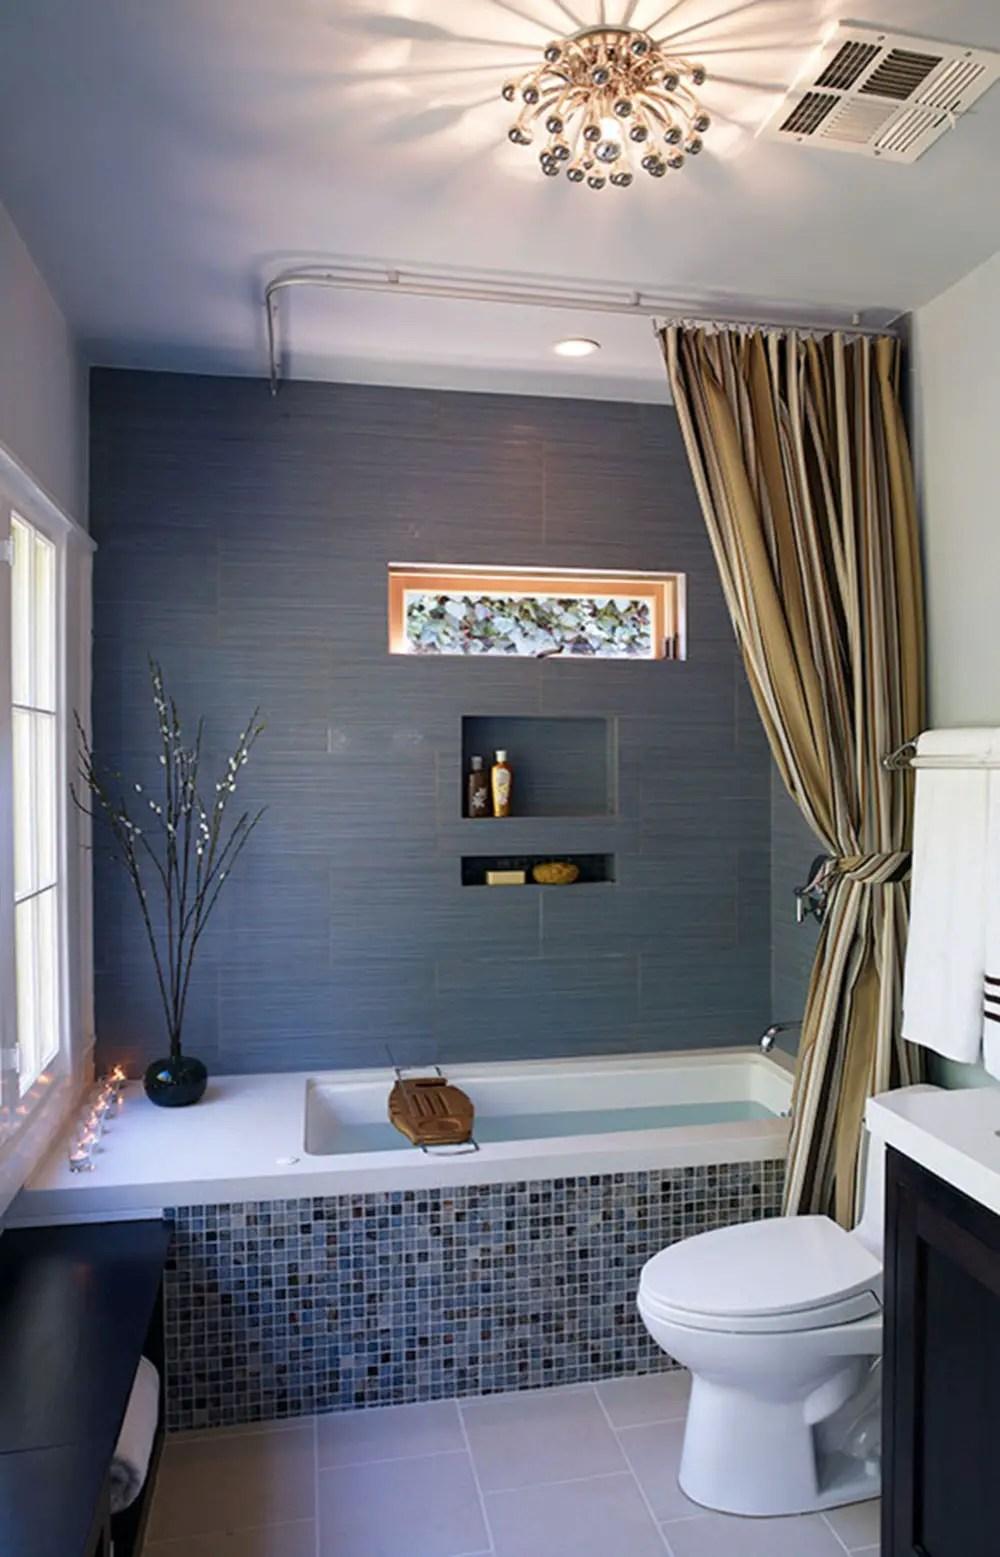 11 magnifiques rideaux de douche suivant les tendances dco actuelles  BricoBistro